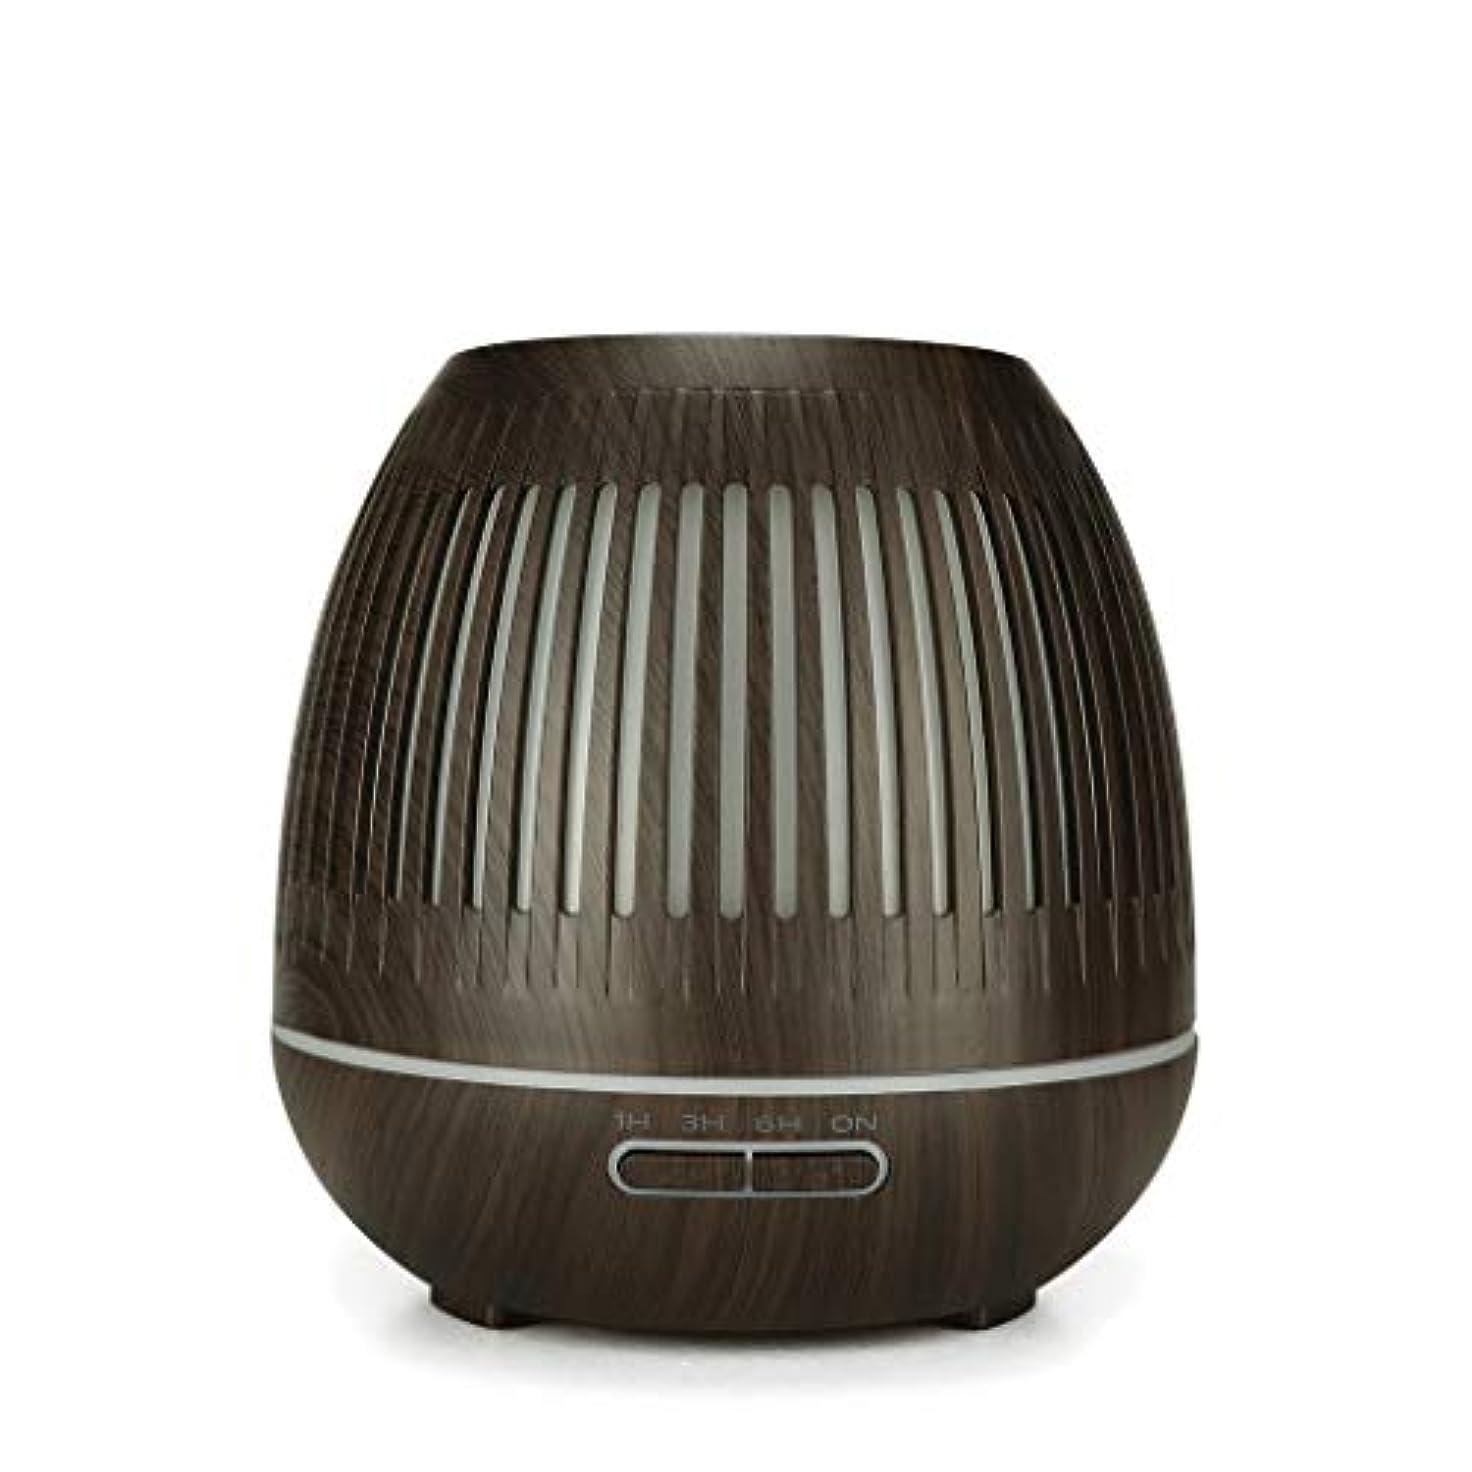 めんどりのため資金400ミリリットル超音波クールミスト加湿器付きカラーledライト用ホームヨガオフィススパ寝室ベビールーム - ウッドグレインディフューザー (Color : Dark wood grain)